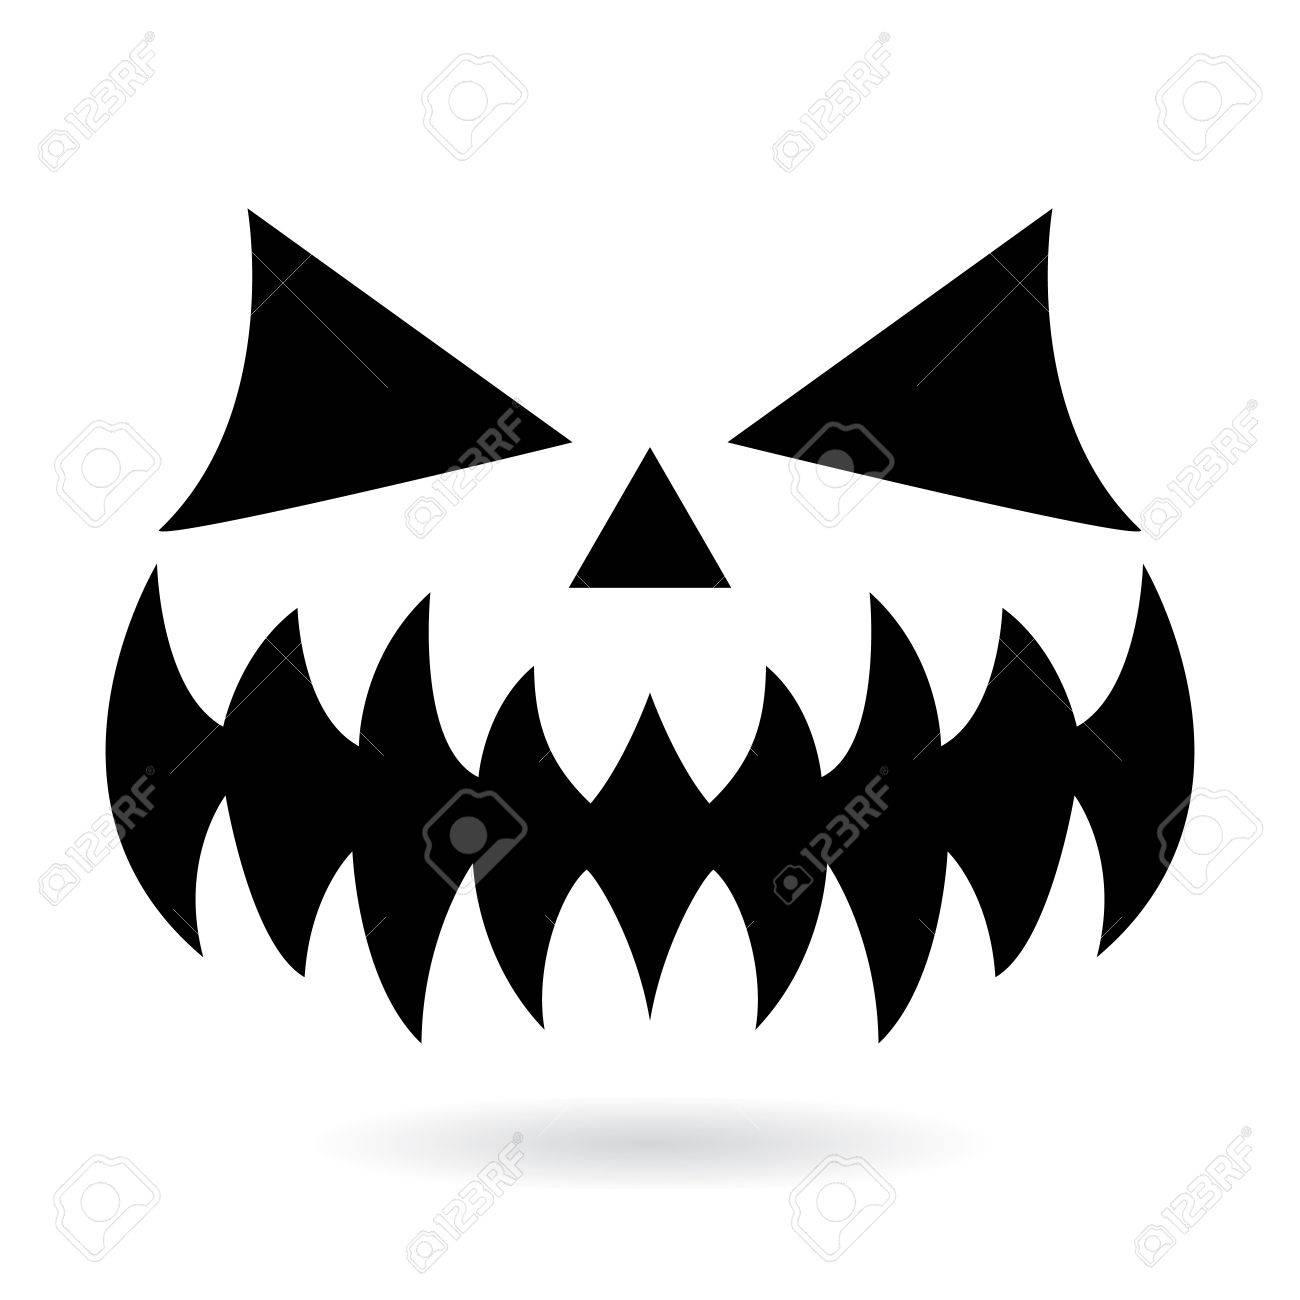 Effrayant Halloween Citrouille Visage Vector Design Icône De La Bouche Fantôme Ou Monstre Avec Des Yeux Effrayants Nez Et Grandes Dents